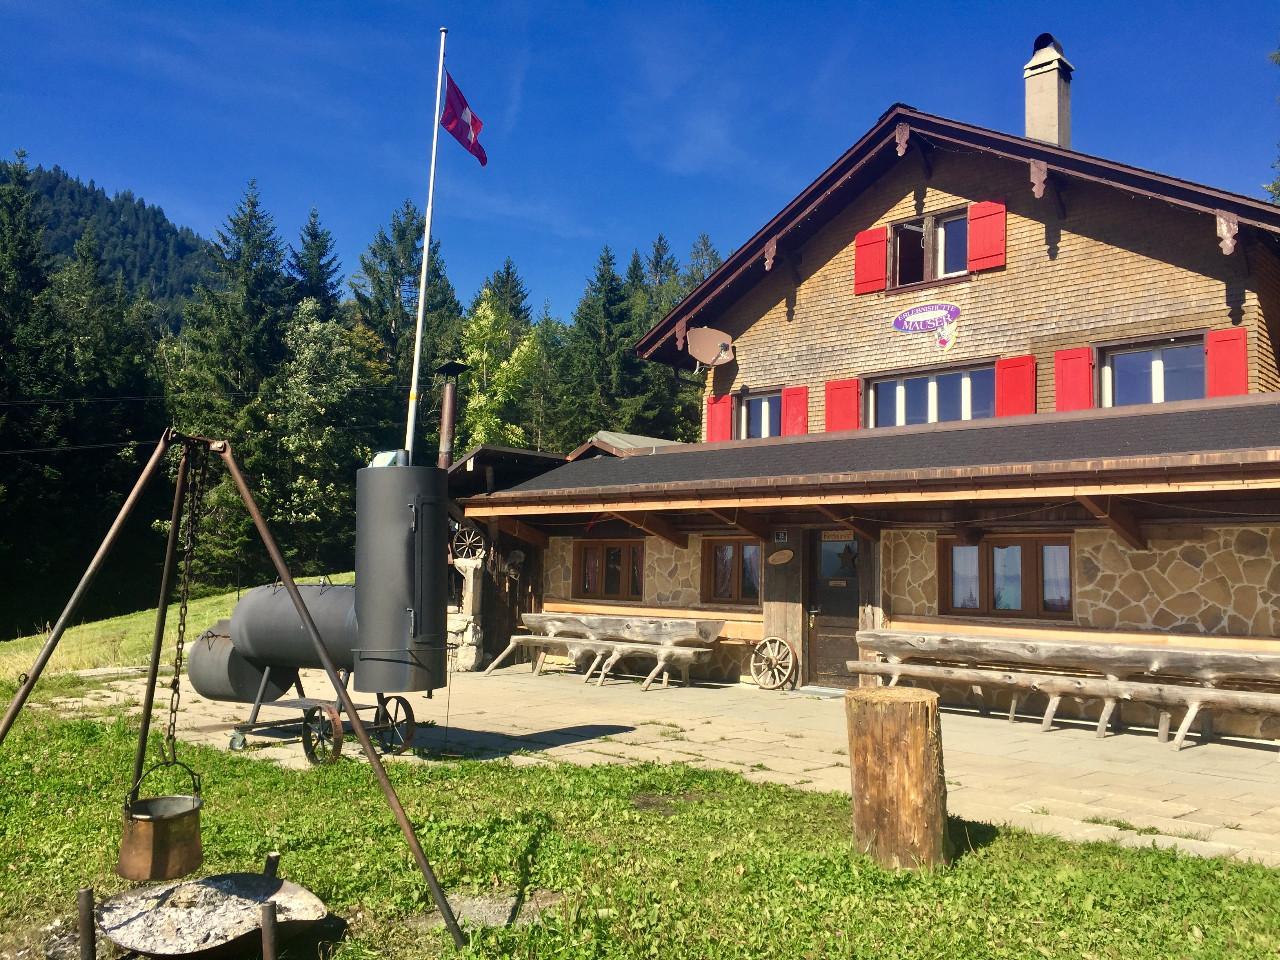 Mauserhütte Ferienhaus - Schwyz-Mythenregion